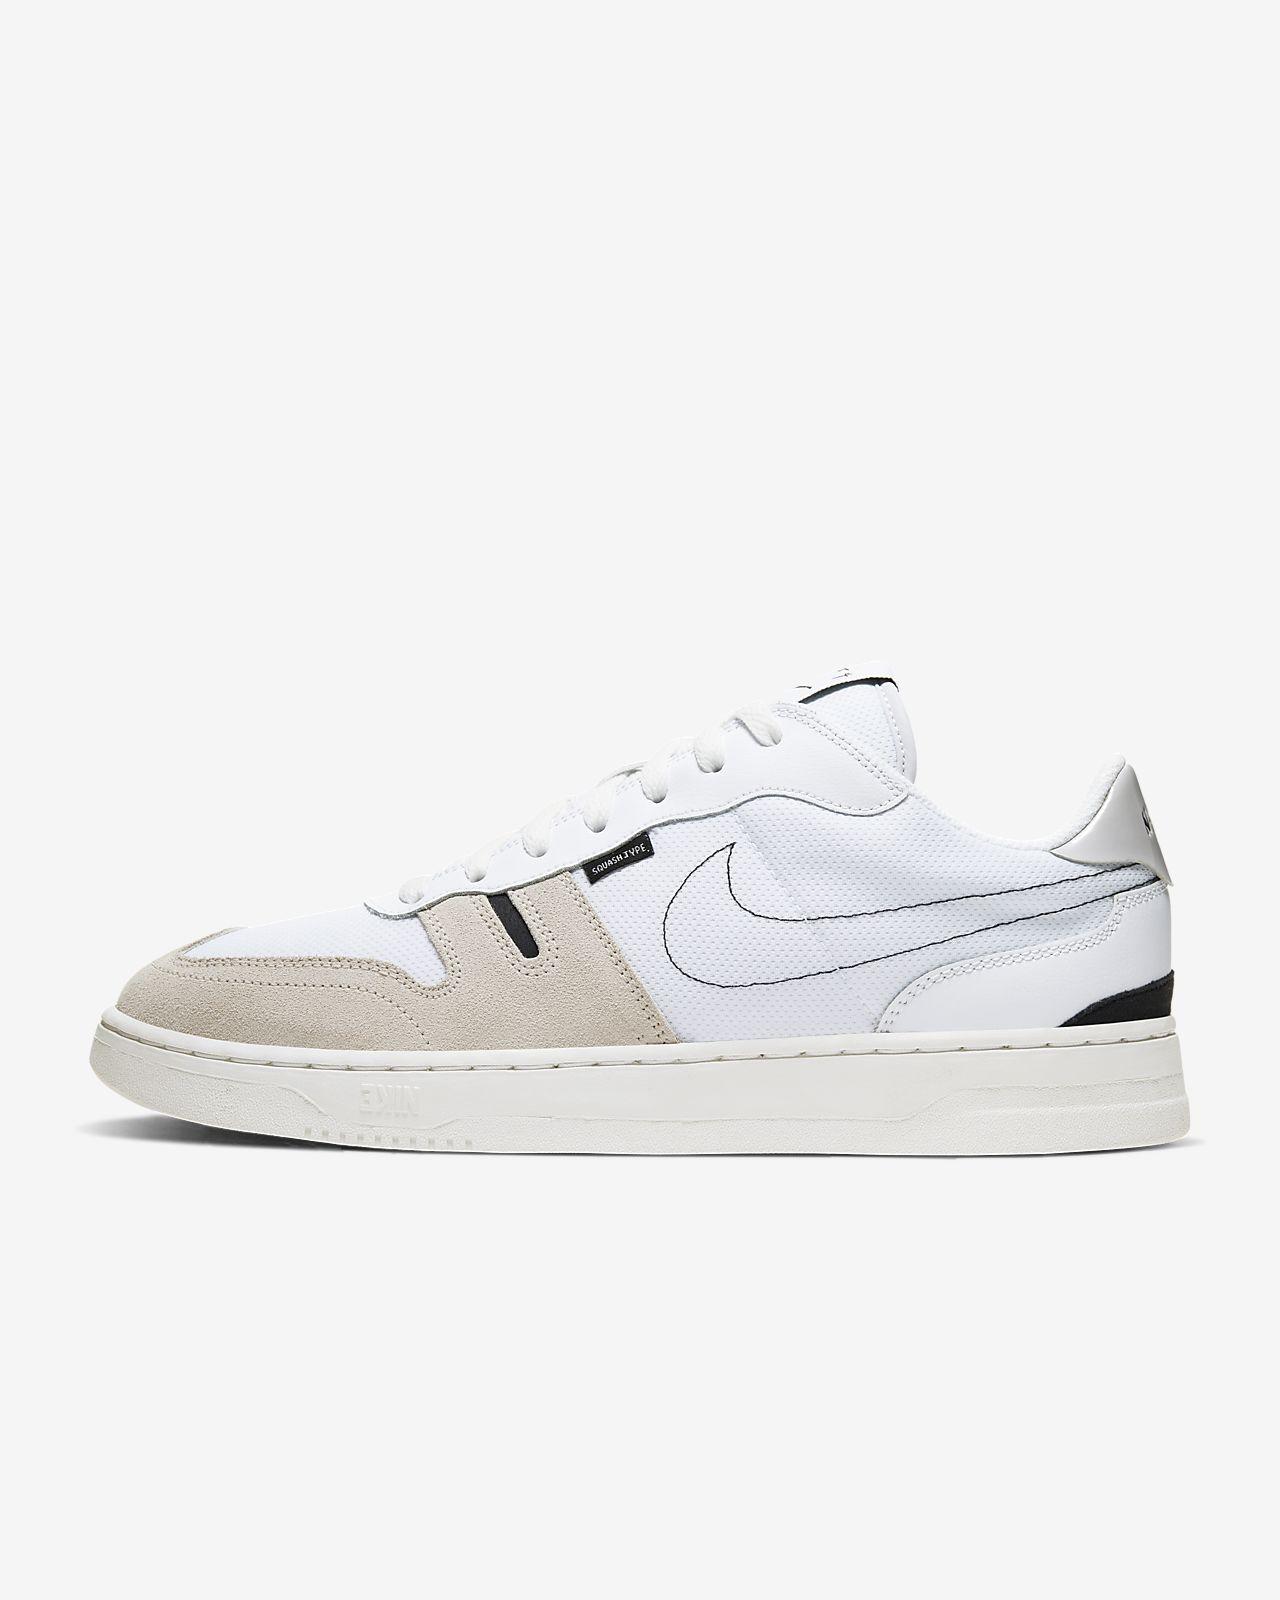 Ανδρικό παπούτσι Nike Squash-Type